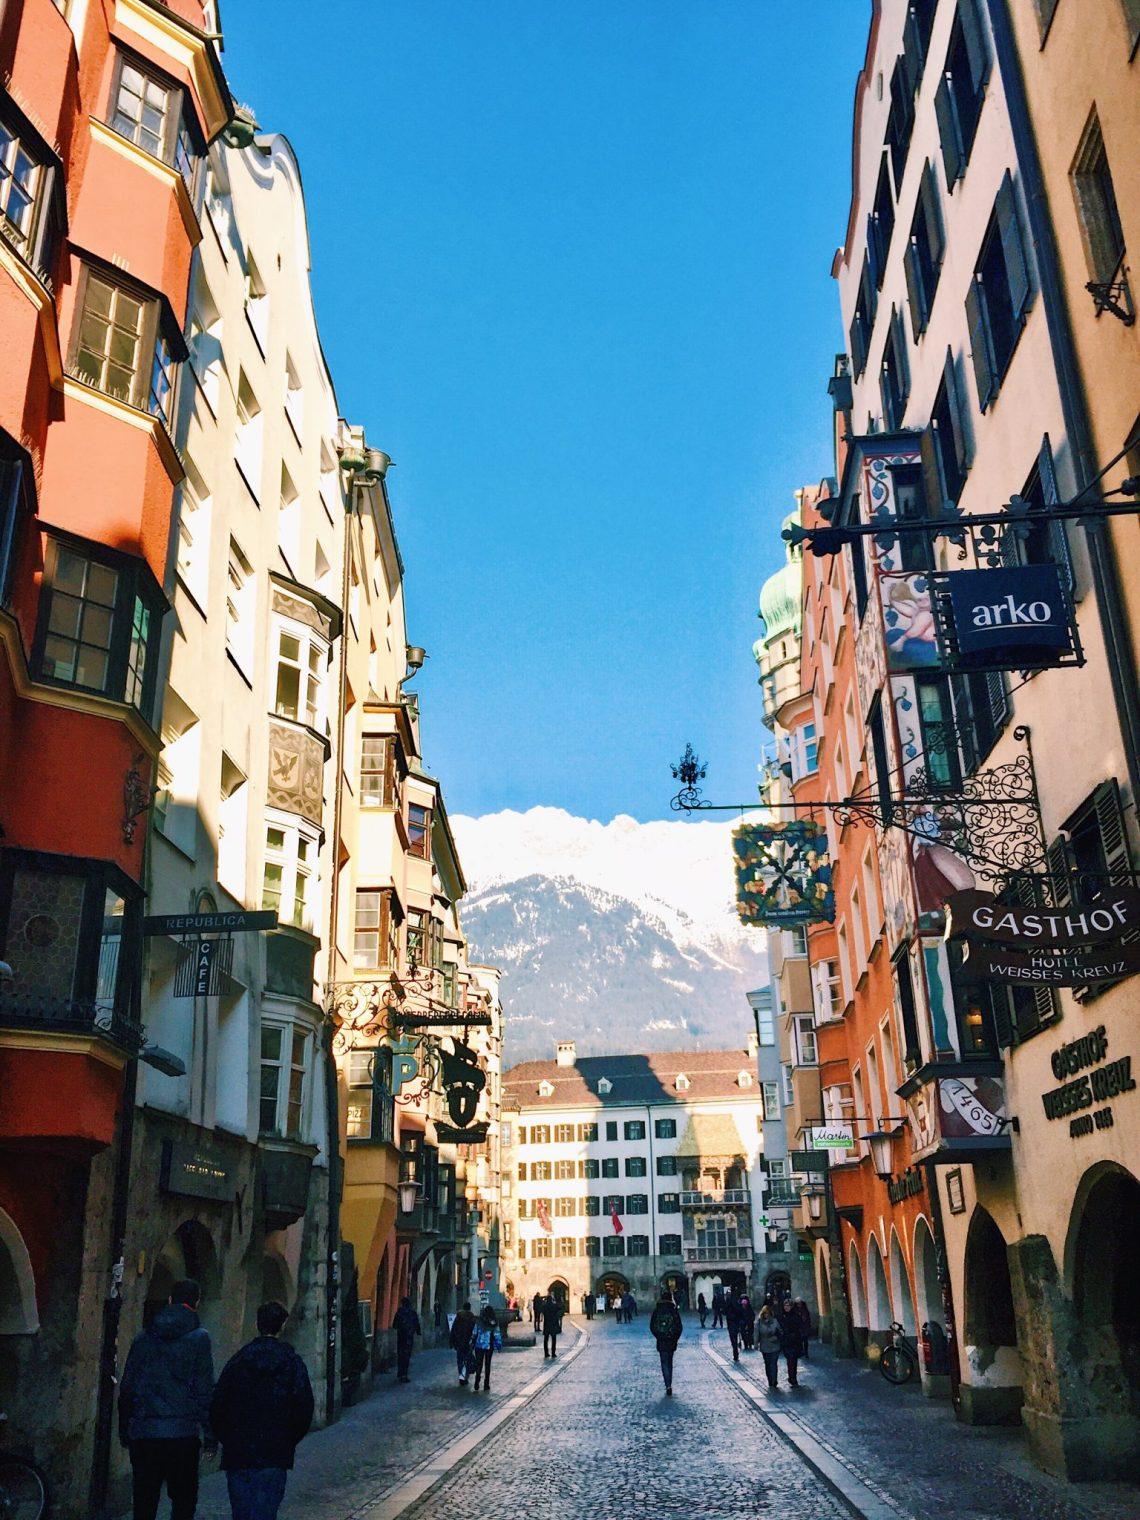 1 day in Innsbruck Austria: Full Guide